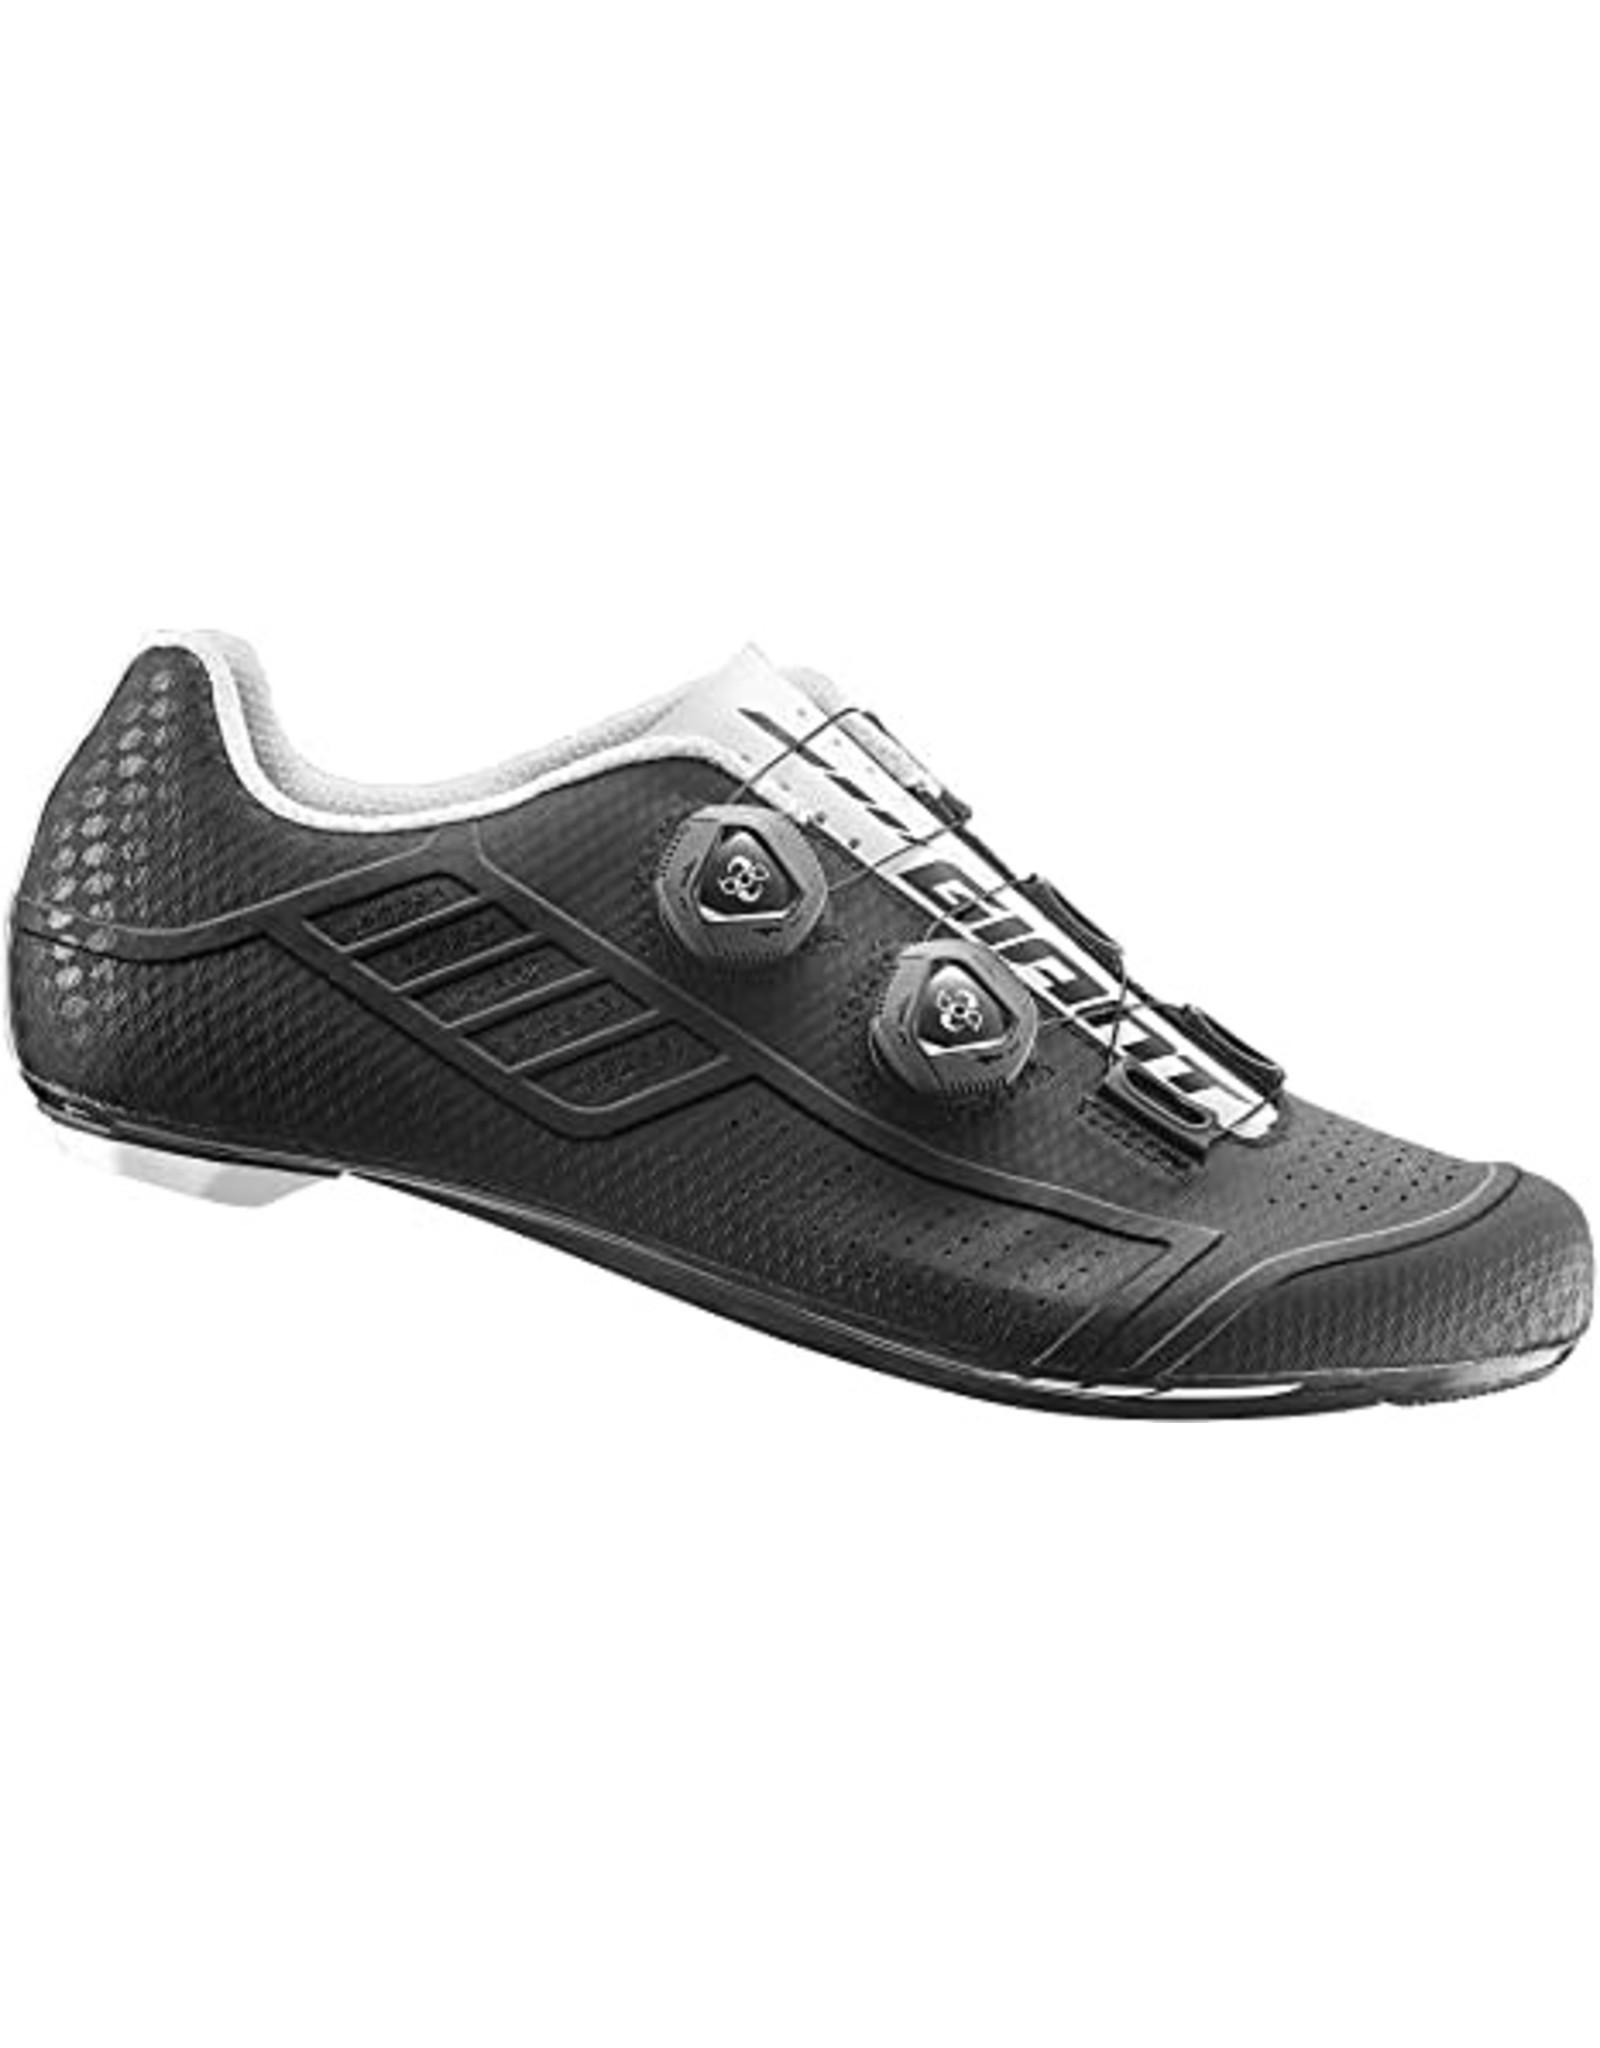 GIANT BICYCLES Giant Conduit Carbon Sole Road Shoe 43 (Reg $399)